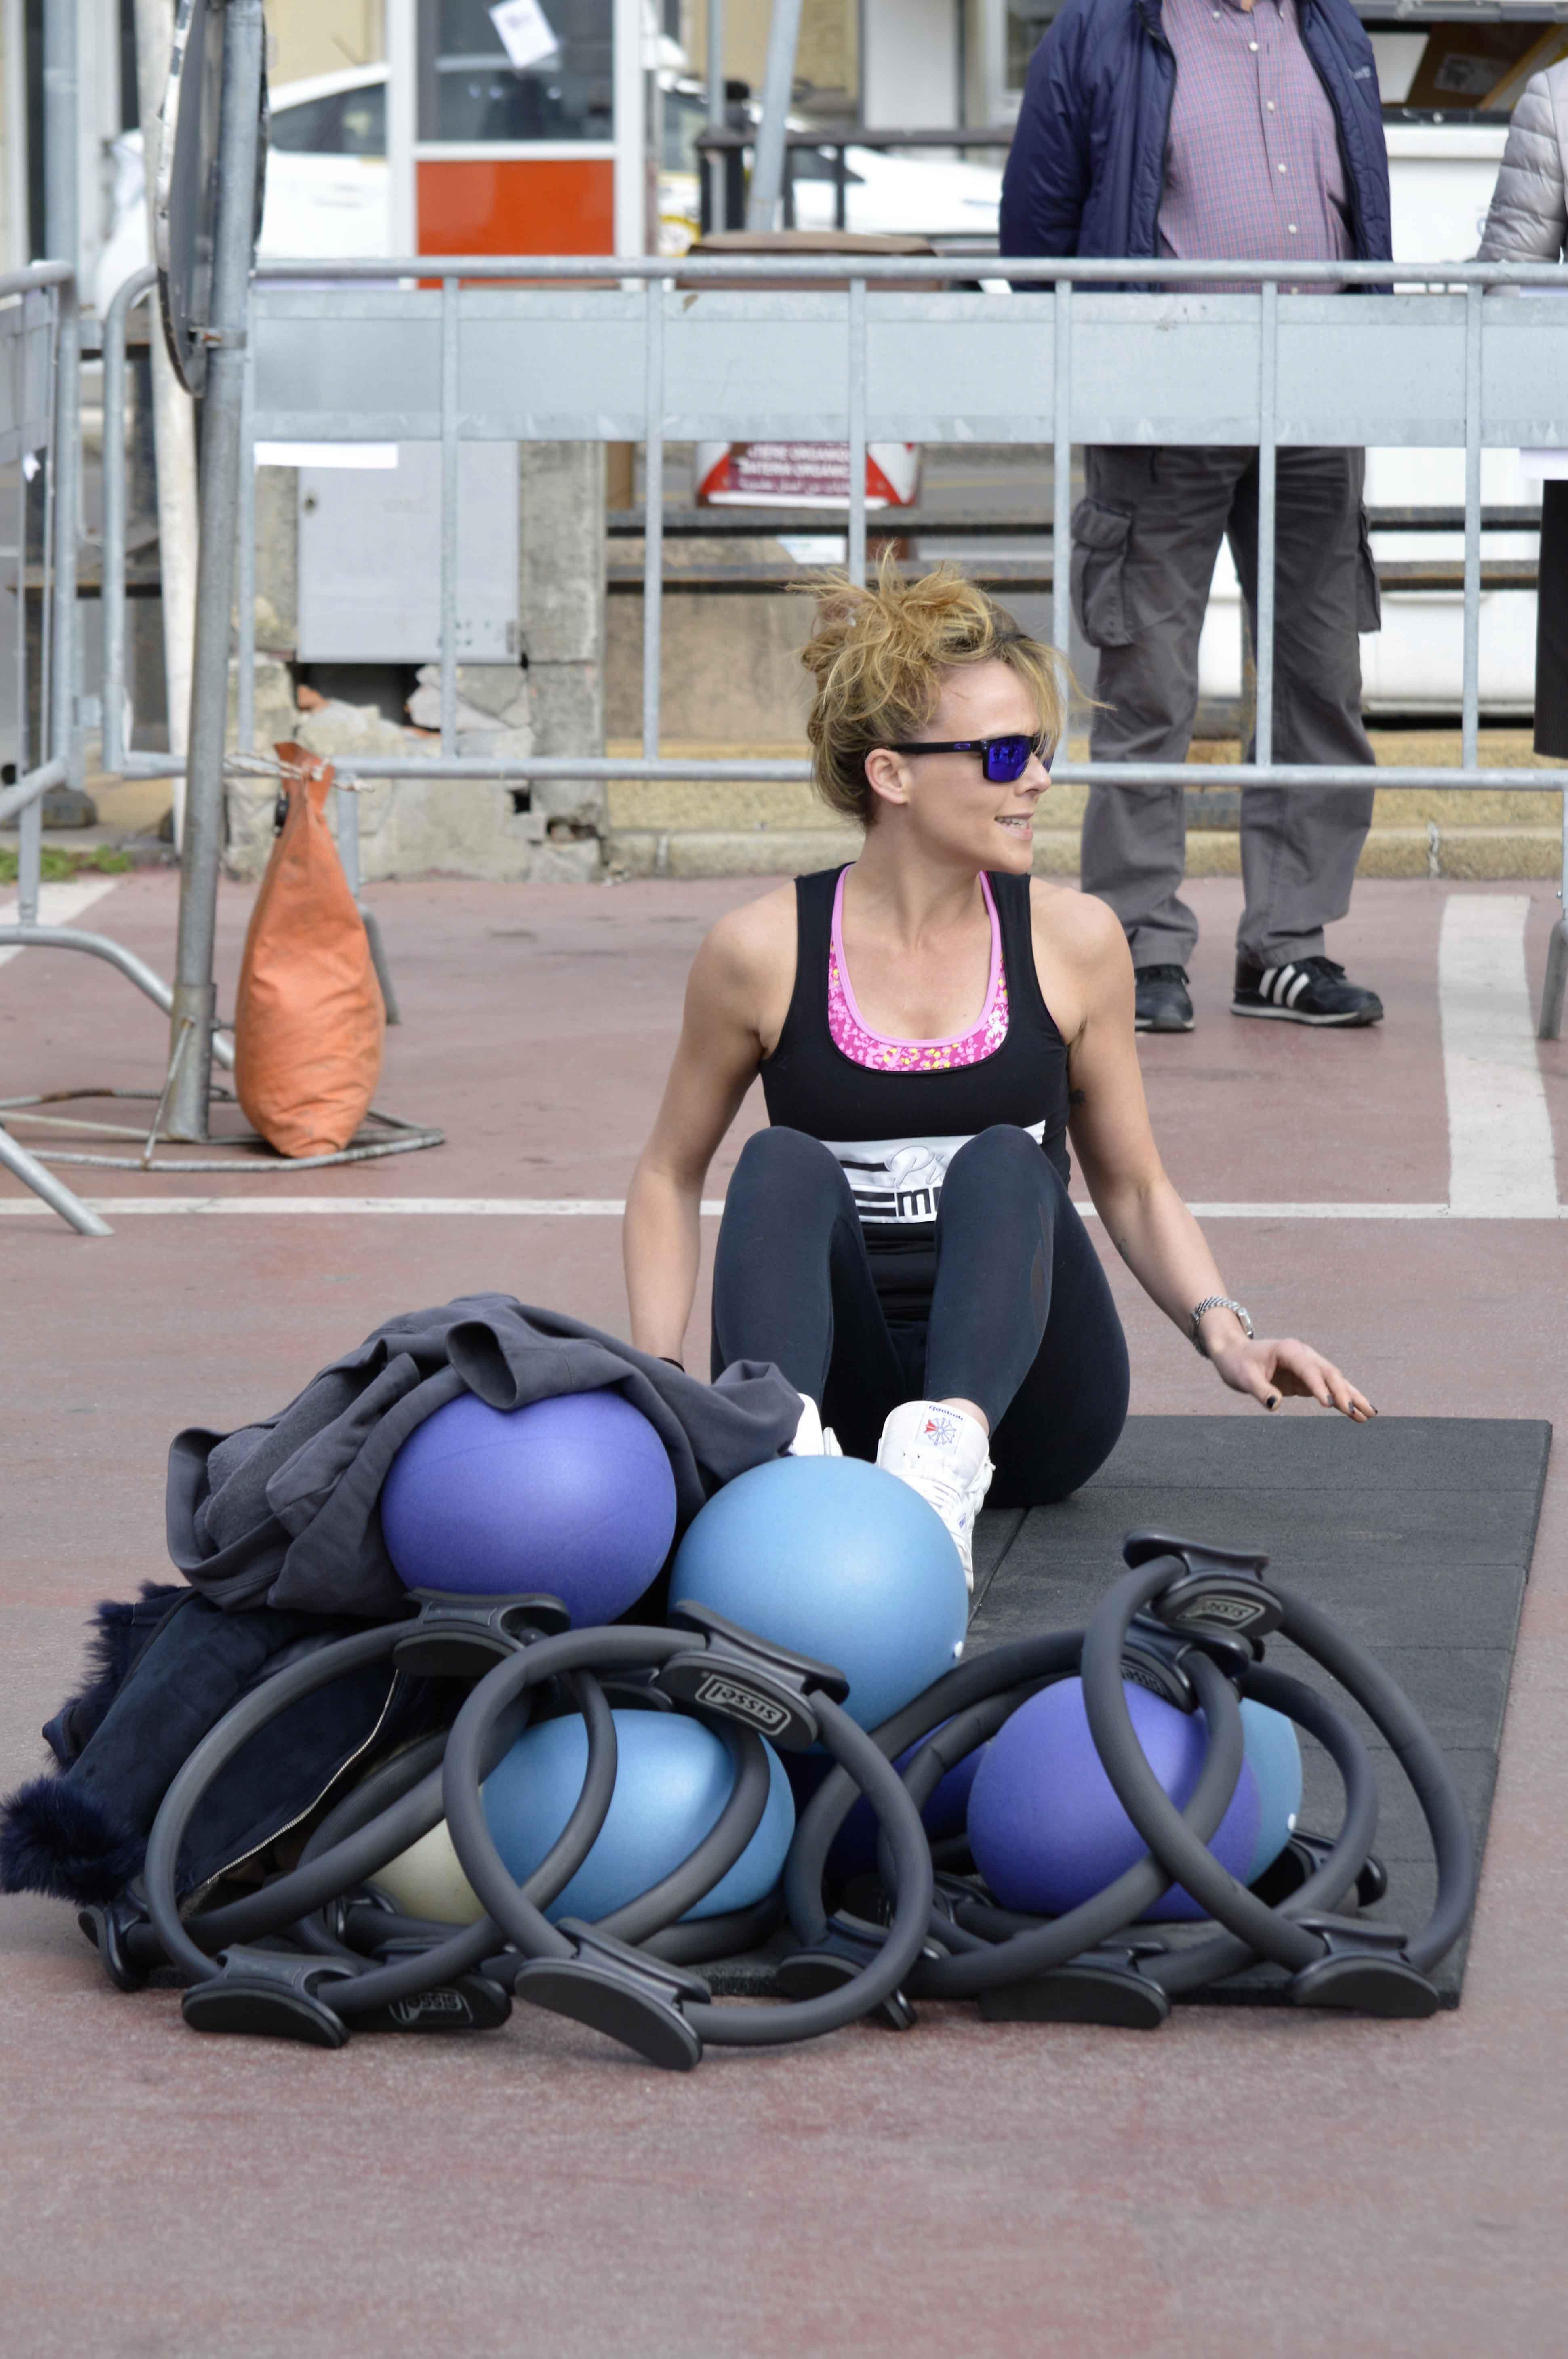 valentina-siccardi-pilates-trainer